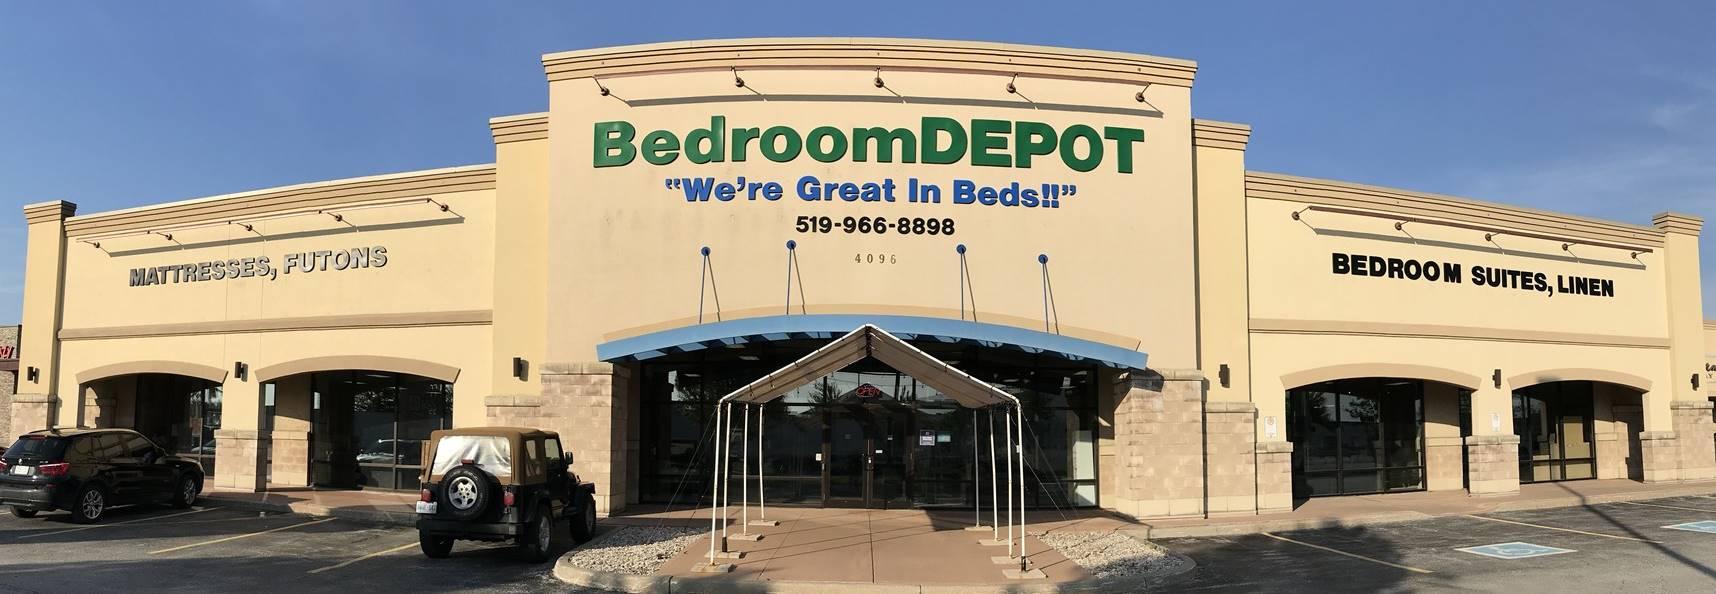 Best bedroom furniture bedroom sets sale bedroom depot windsor